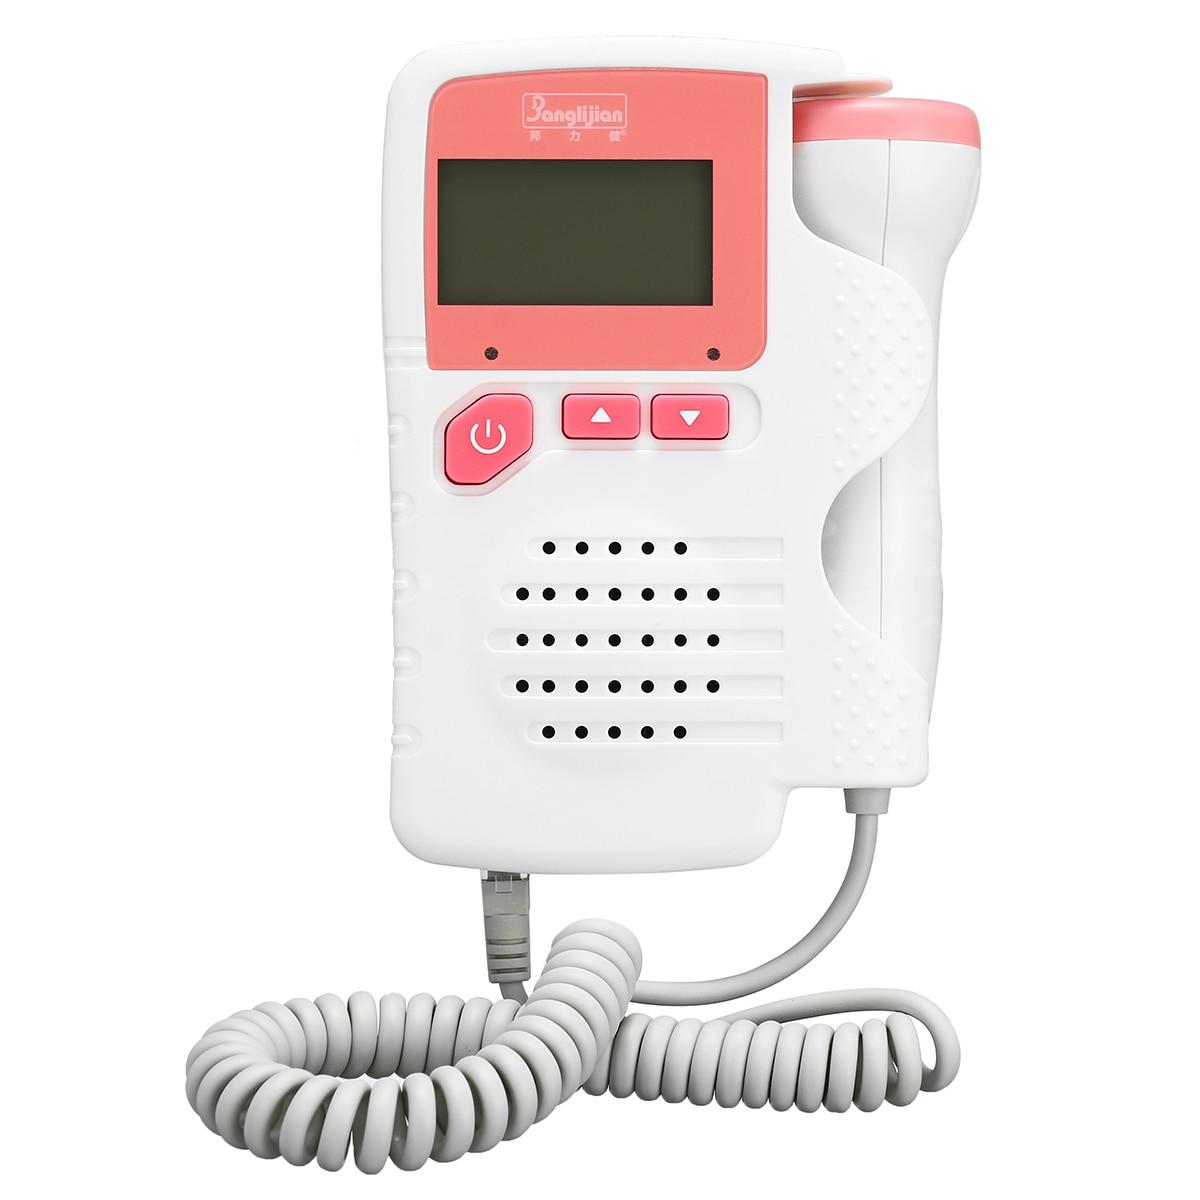 Monitor de Som Tester Detector Grávida Fetalpulse 2.0